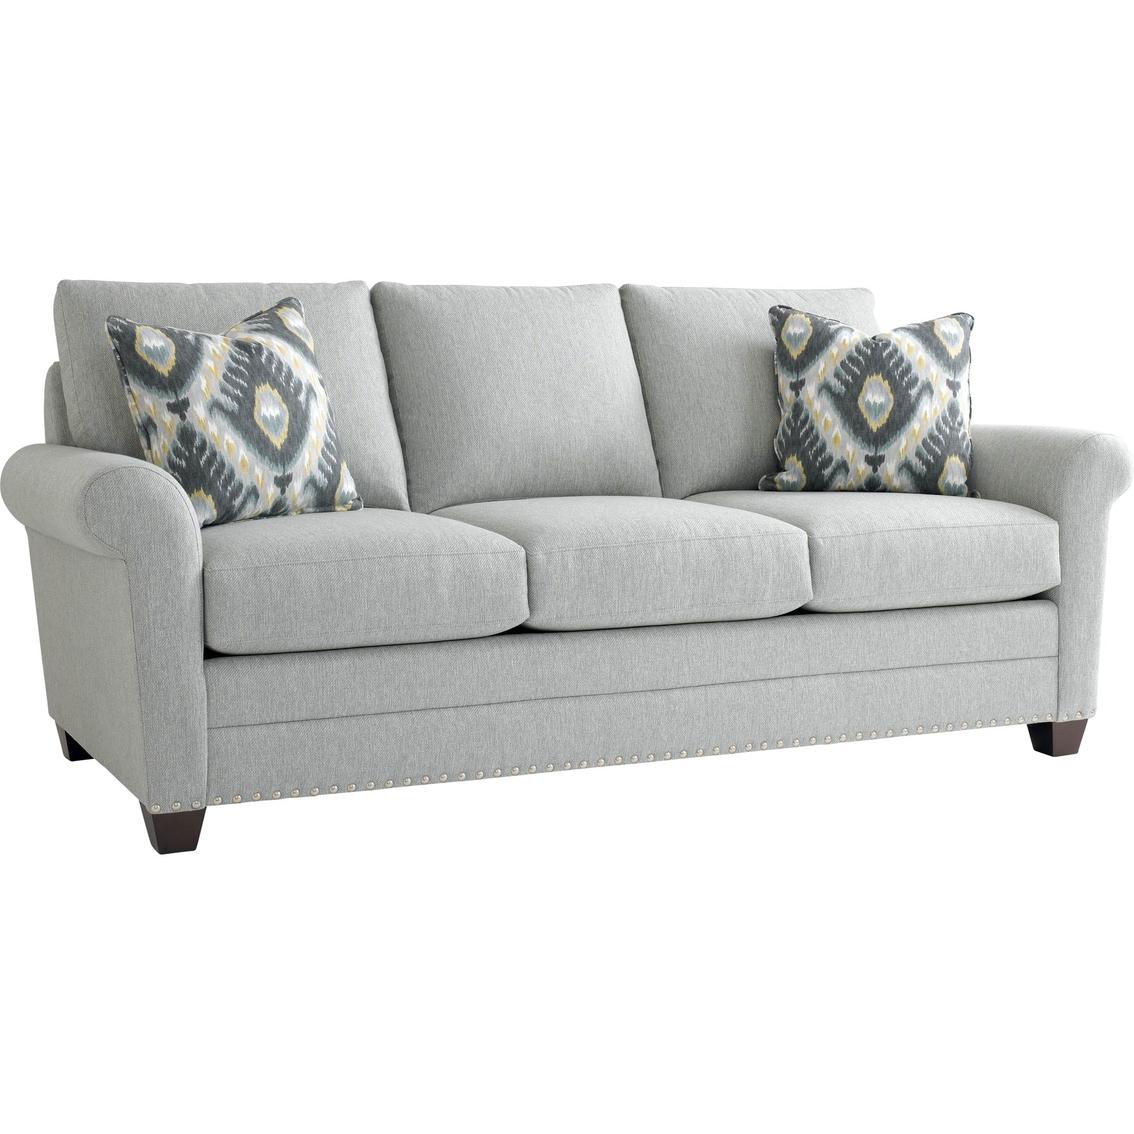 Bassett Furniture Sofas: Bassett Anderson Sofa